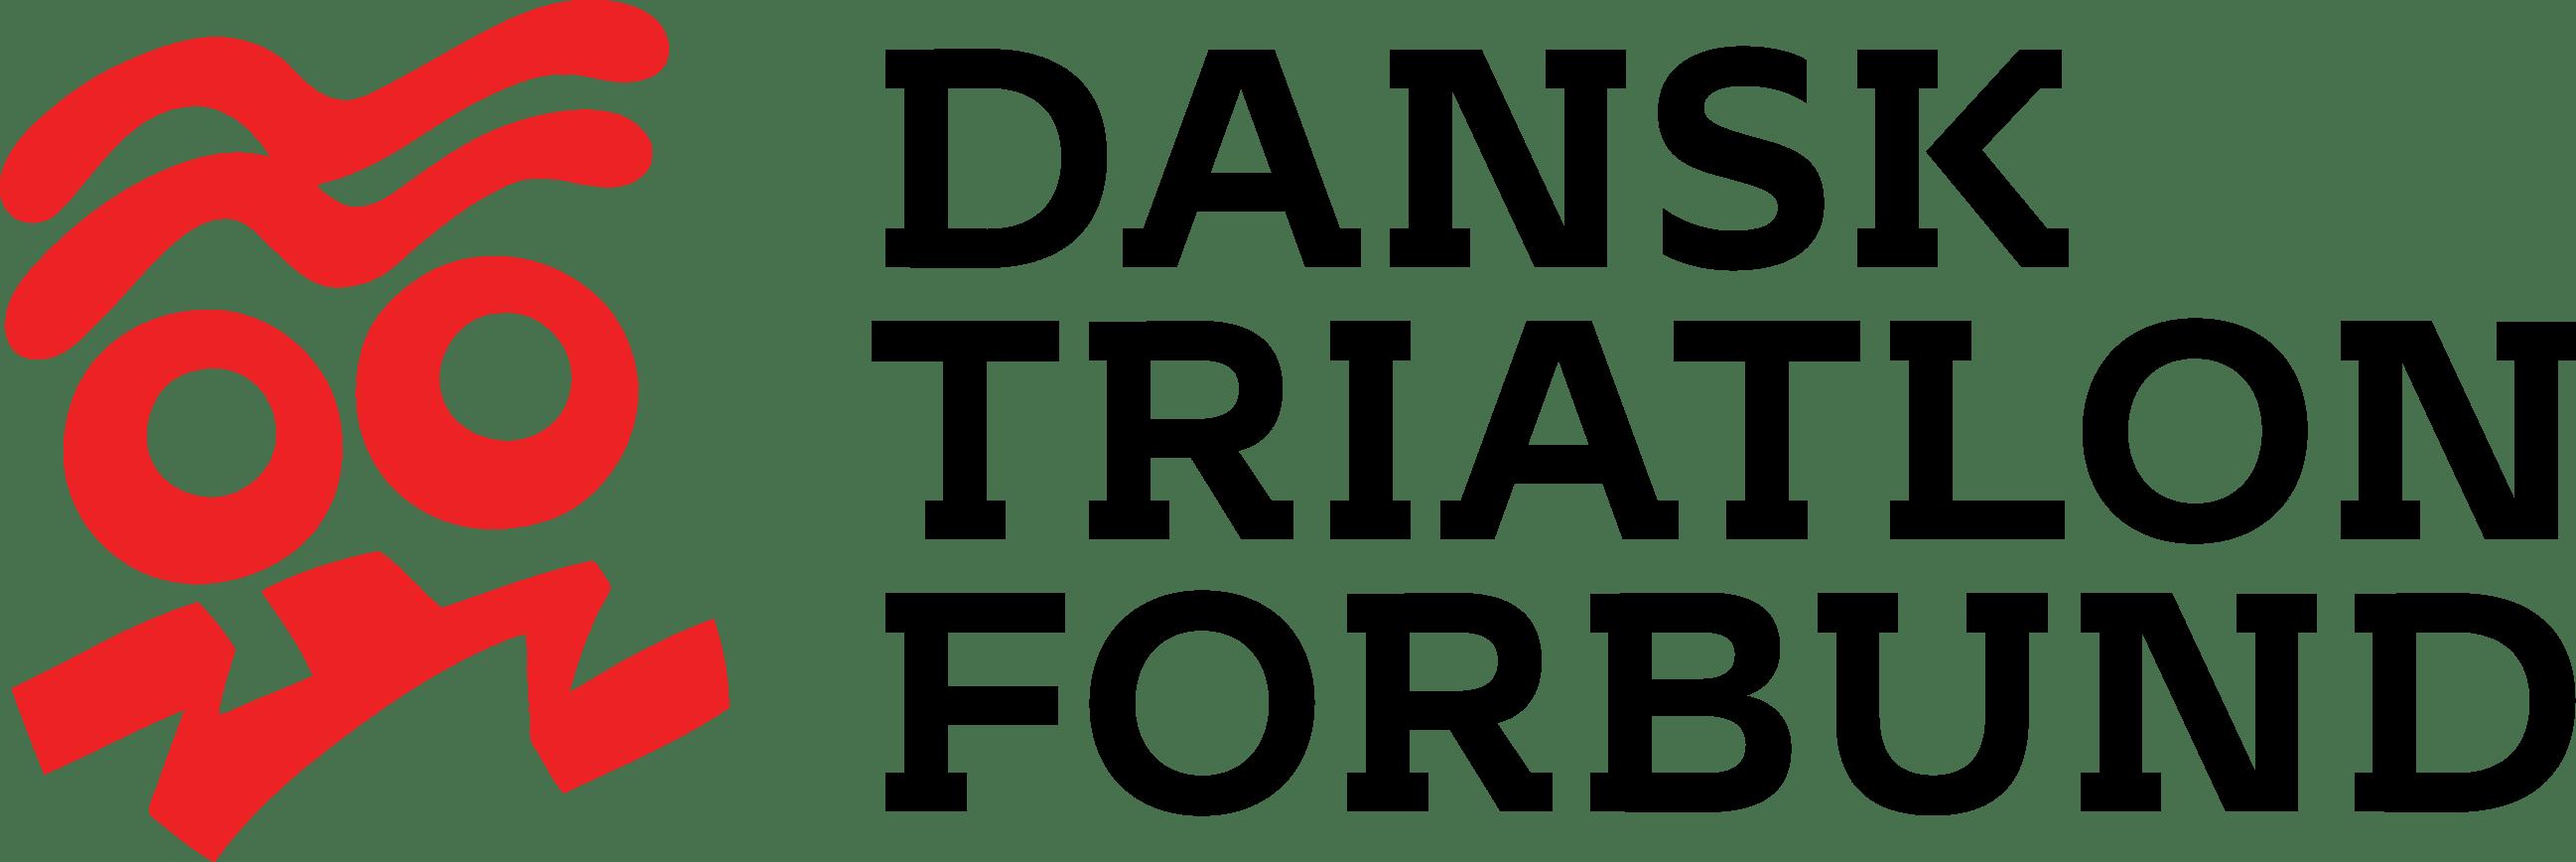 danske netbank dk